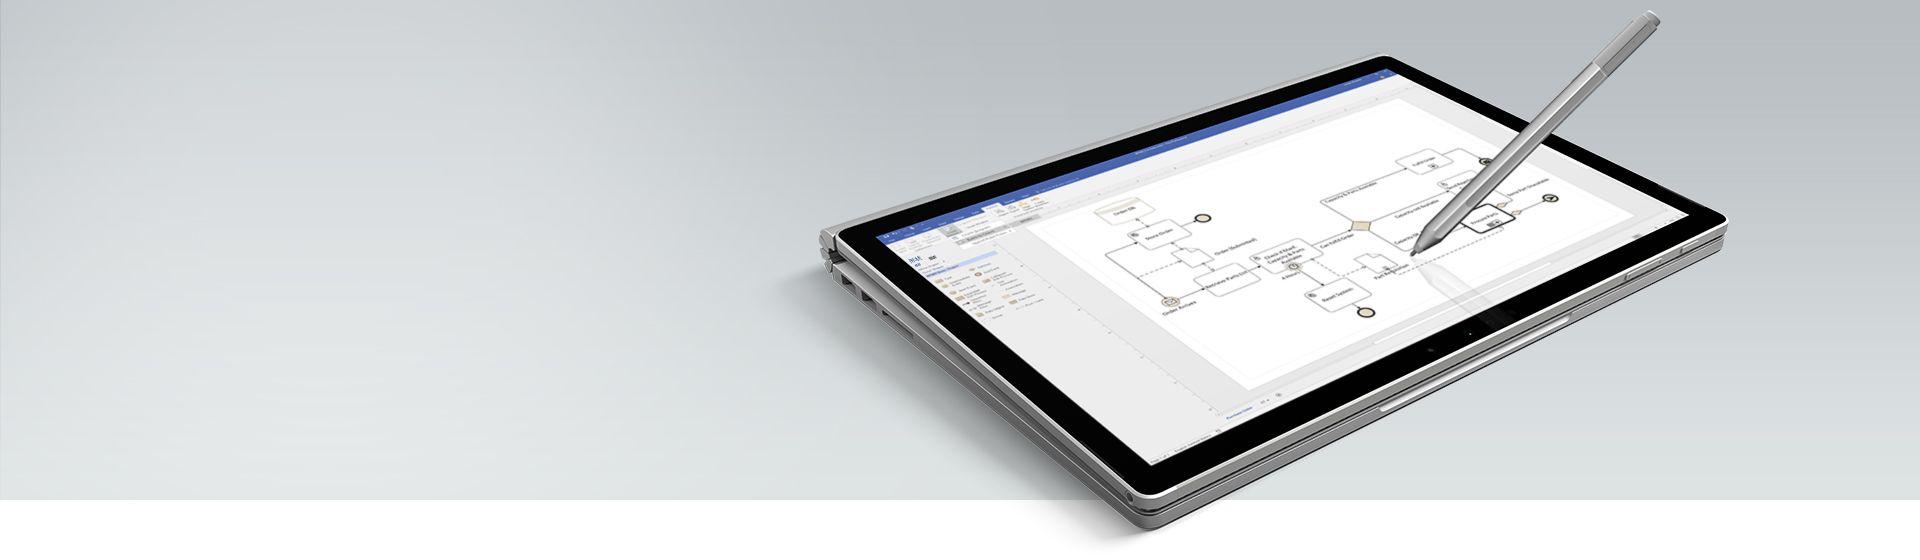 一个平板电脑屏幕,显示 Visio 中的流程图